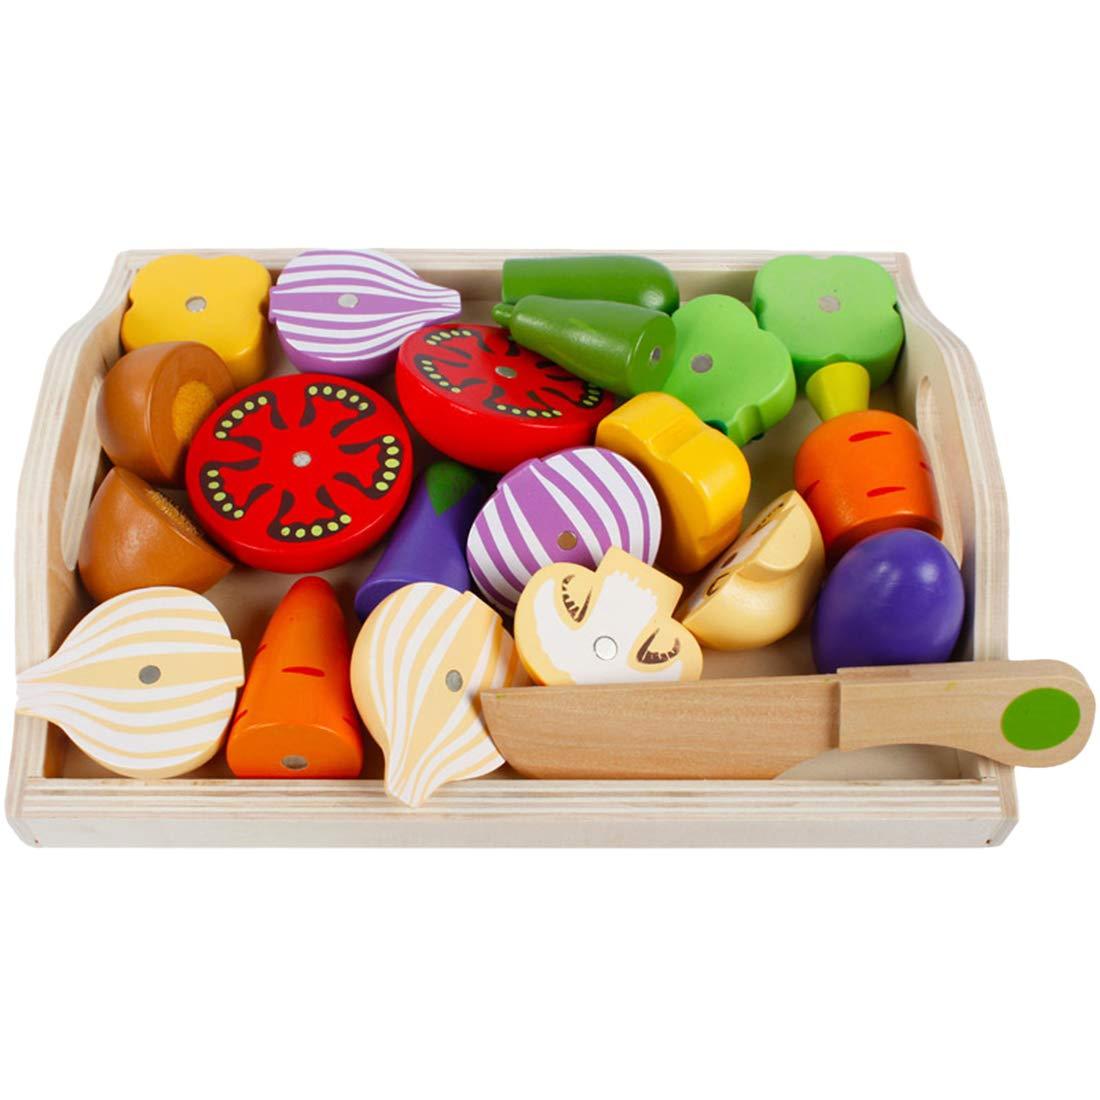 Morginy 11 Piezas Magn/ético De Madera Frutas y Vegetales Juguete Juegos de Juguetes de Cocina para Ni/ños